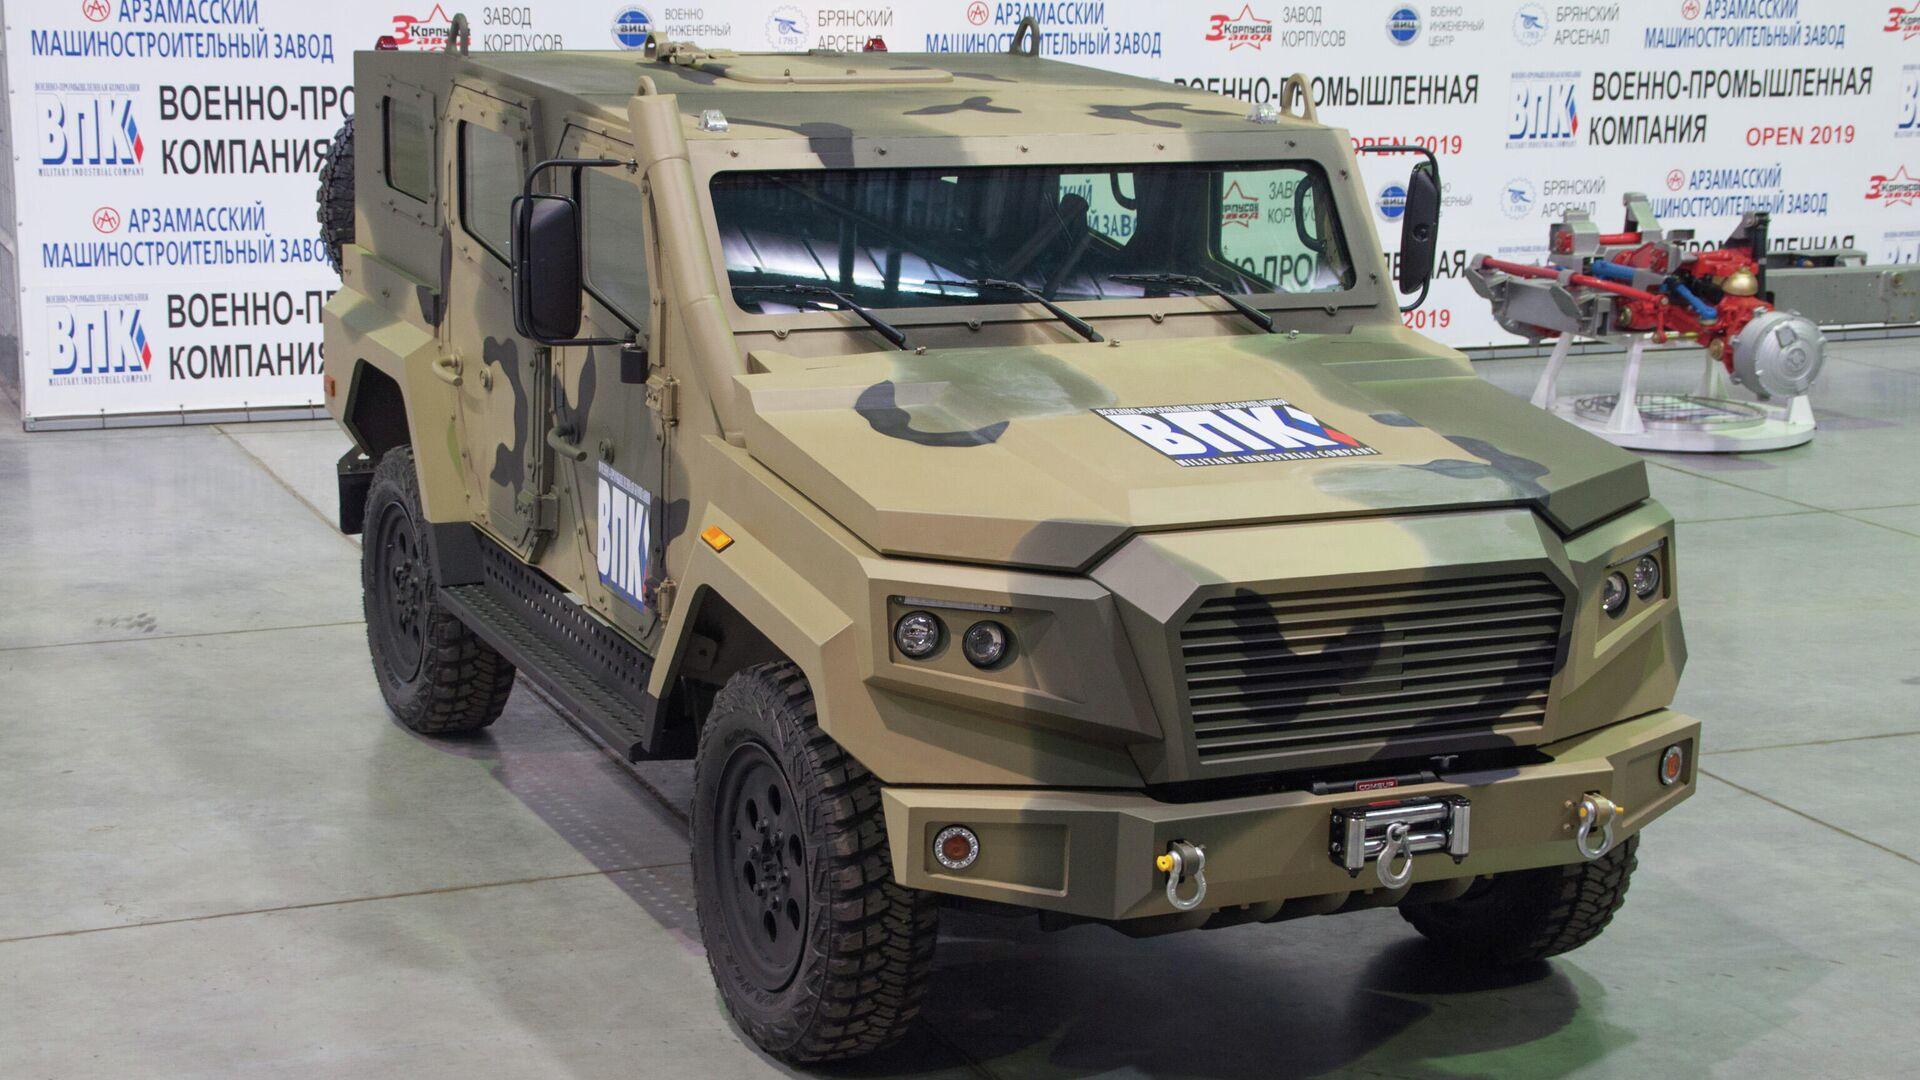 """ВПК планирует создать """"русский Land Cruiser"""" на базе броневика """"Стрела"""""""